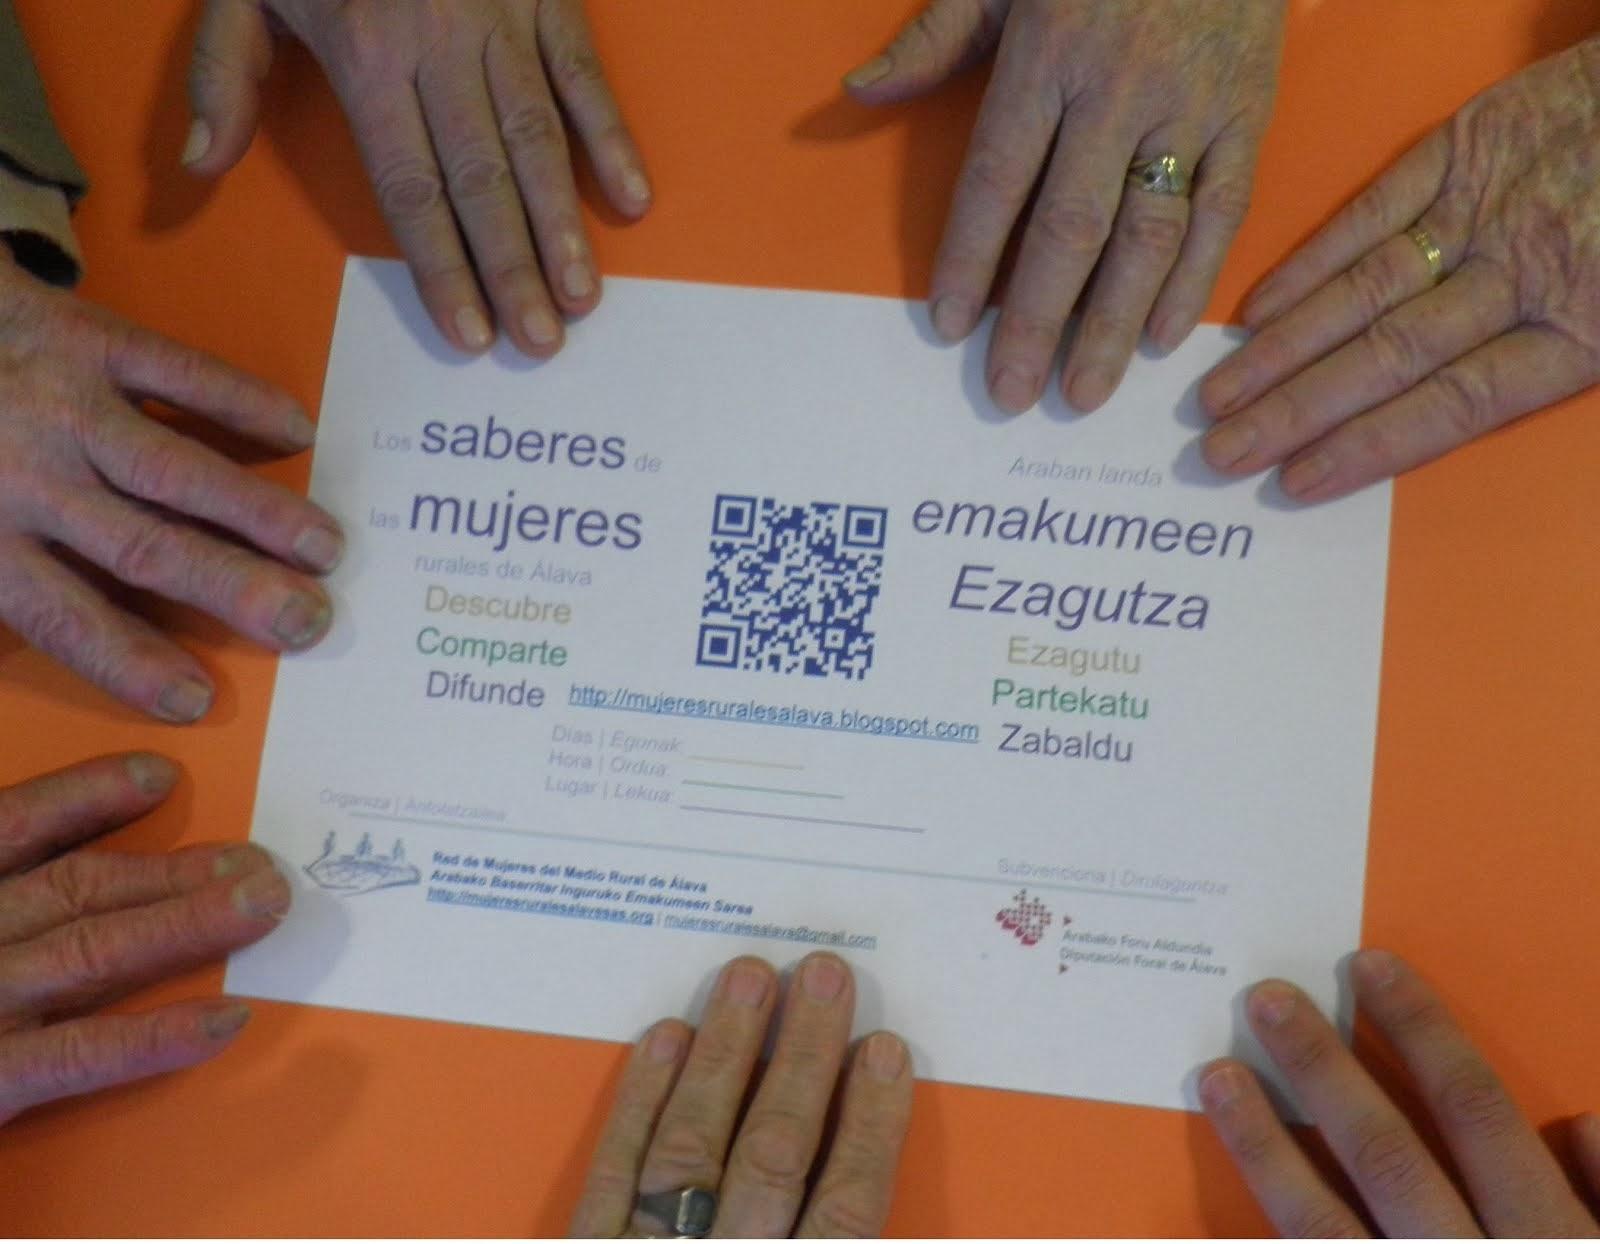 Saberes | Ezagutza